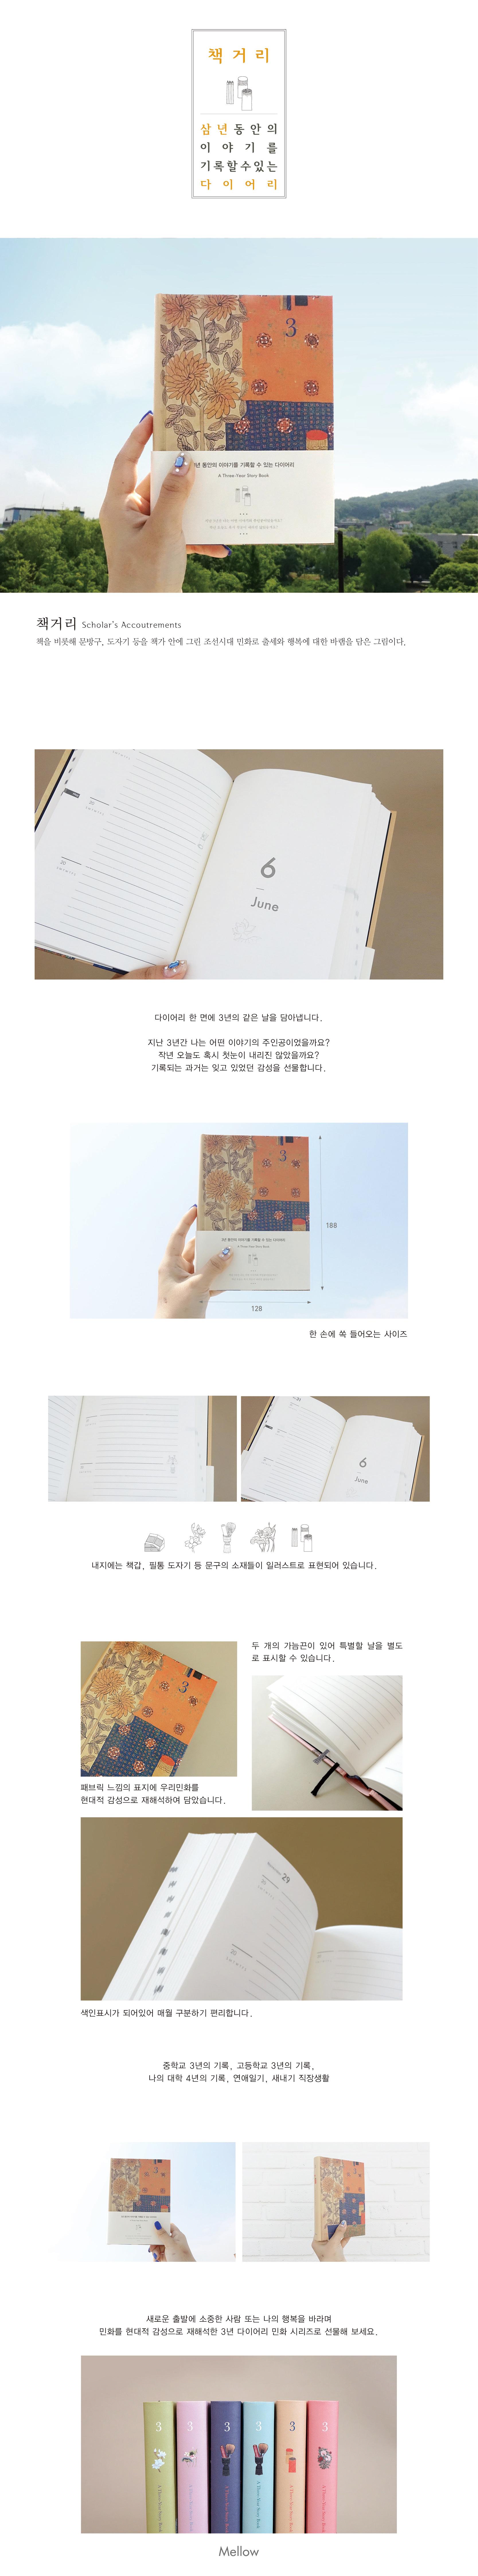 3년일기장 민화편_책거리 - 멜로우, 15,000원, 만년형, 일러스트